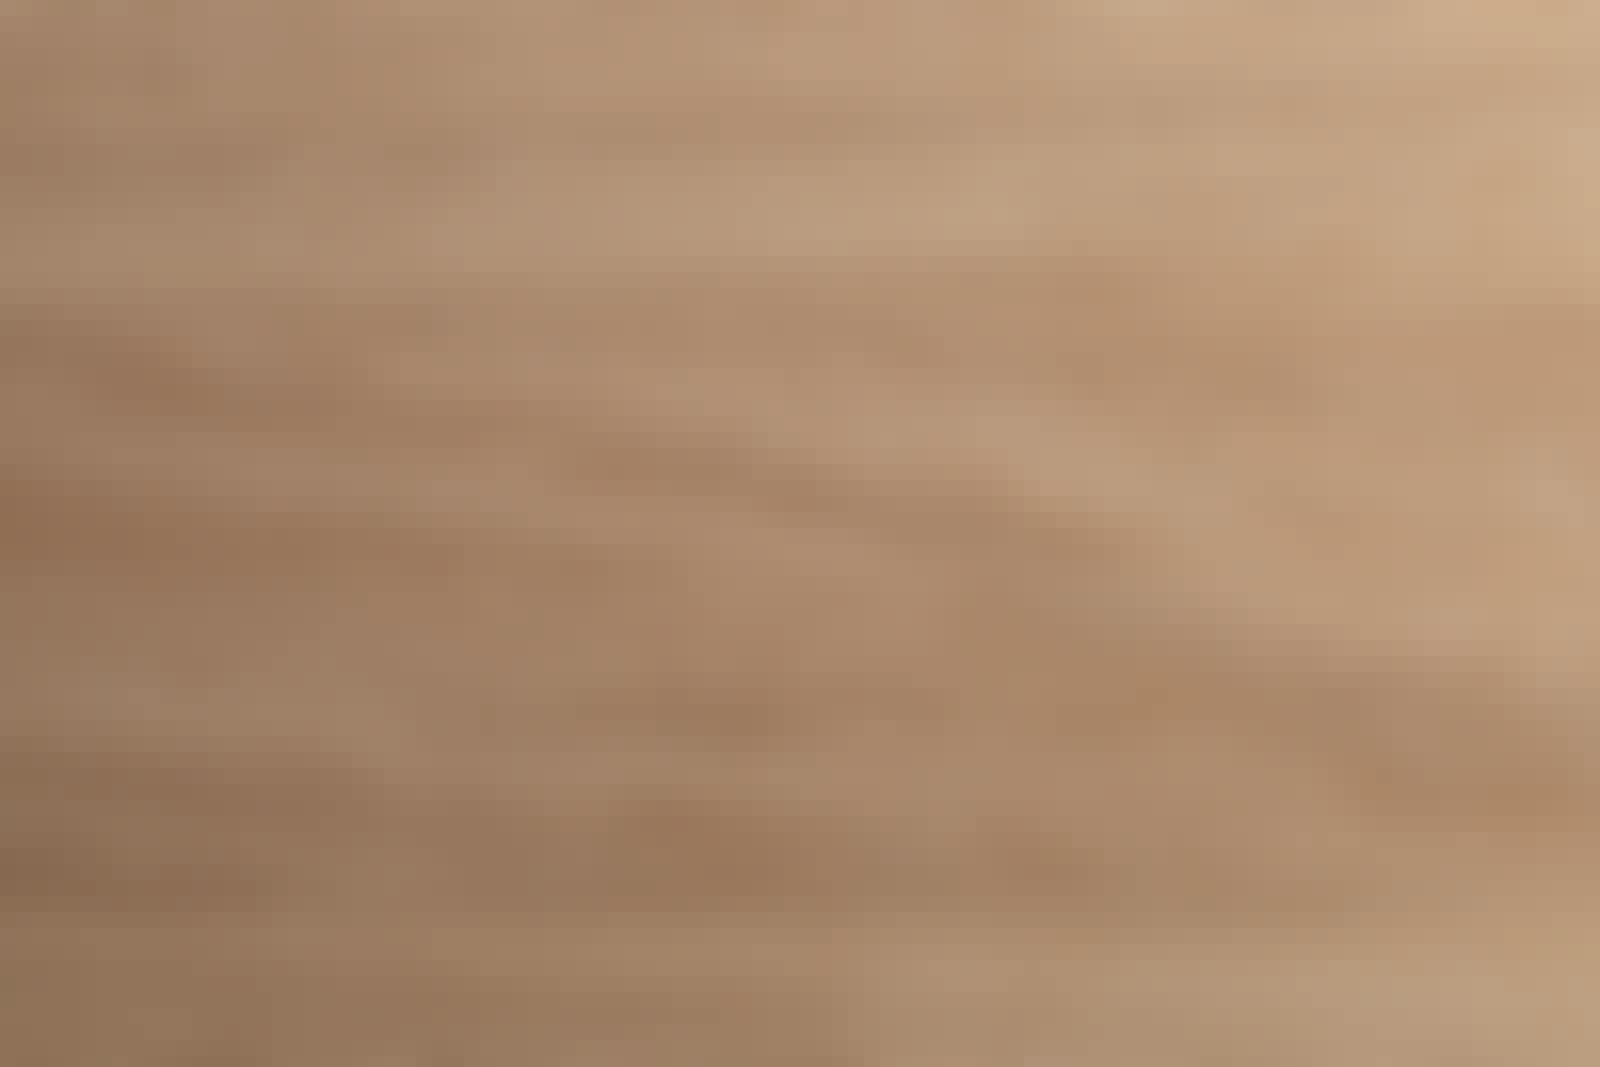 Det finns ett brett urval av stavlimmade bänkskivor i olika träslag.